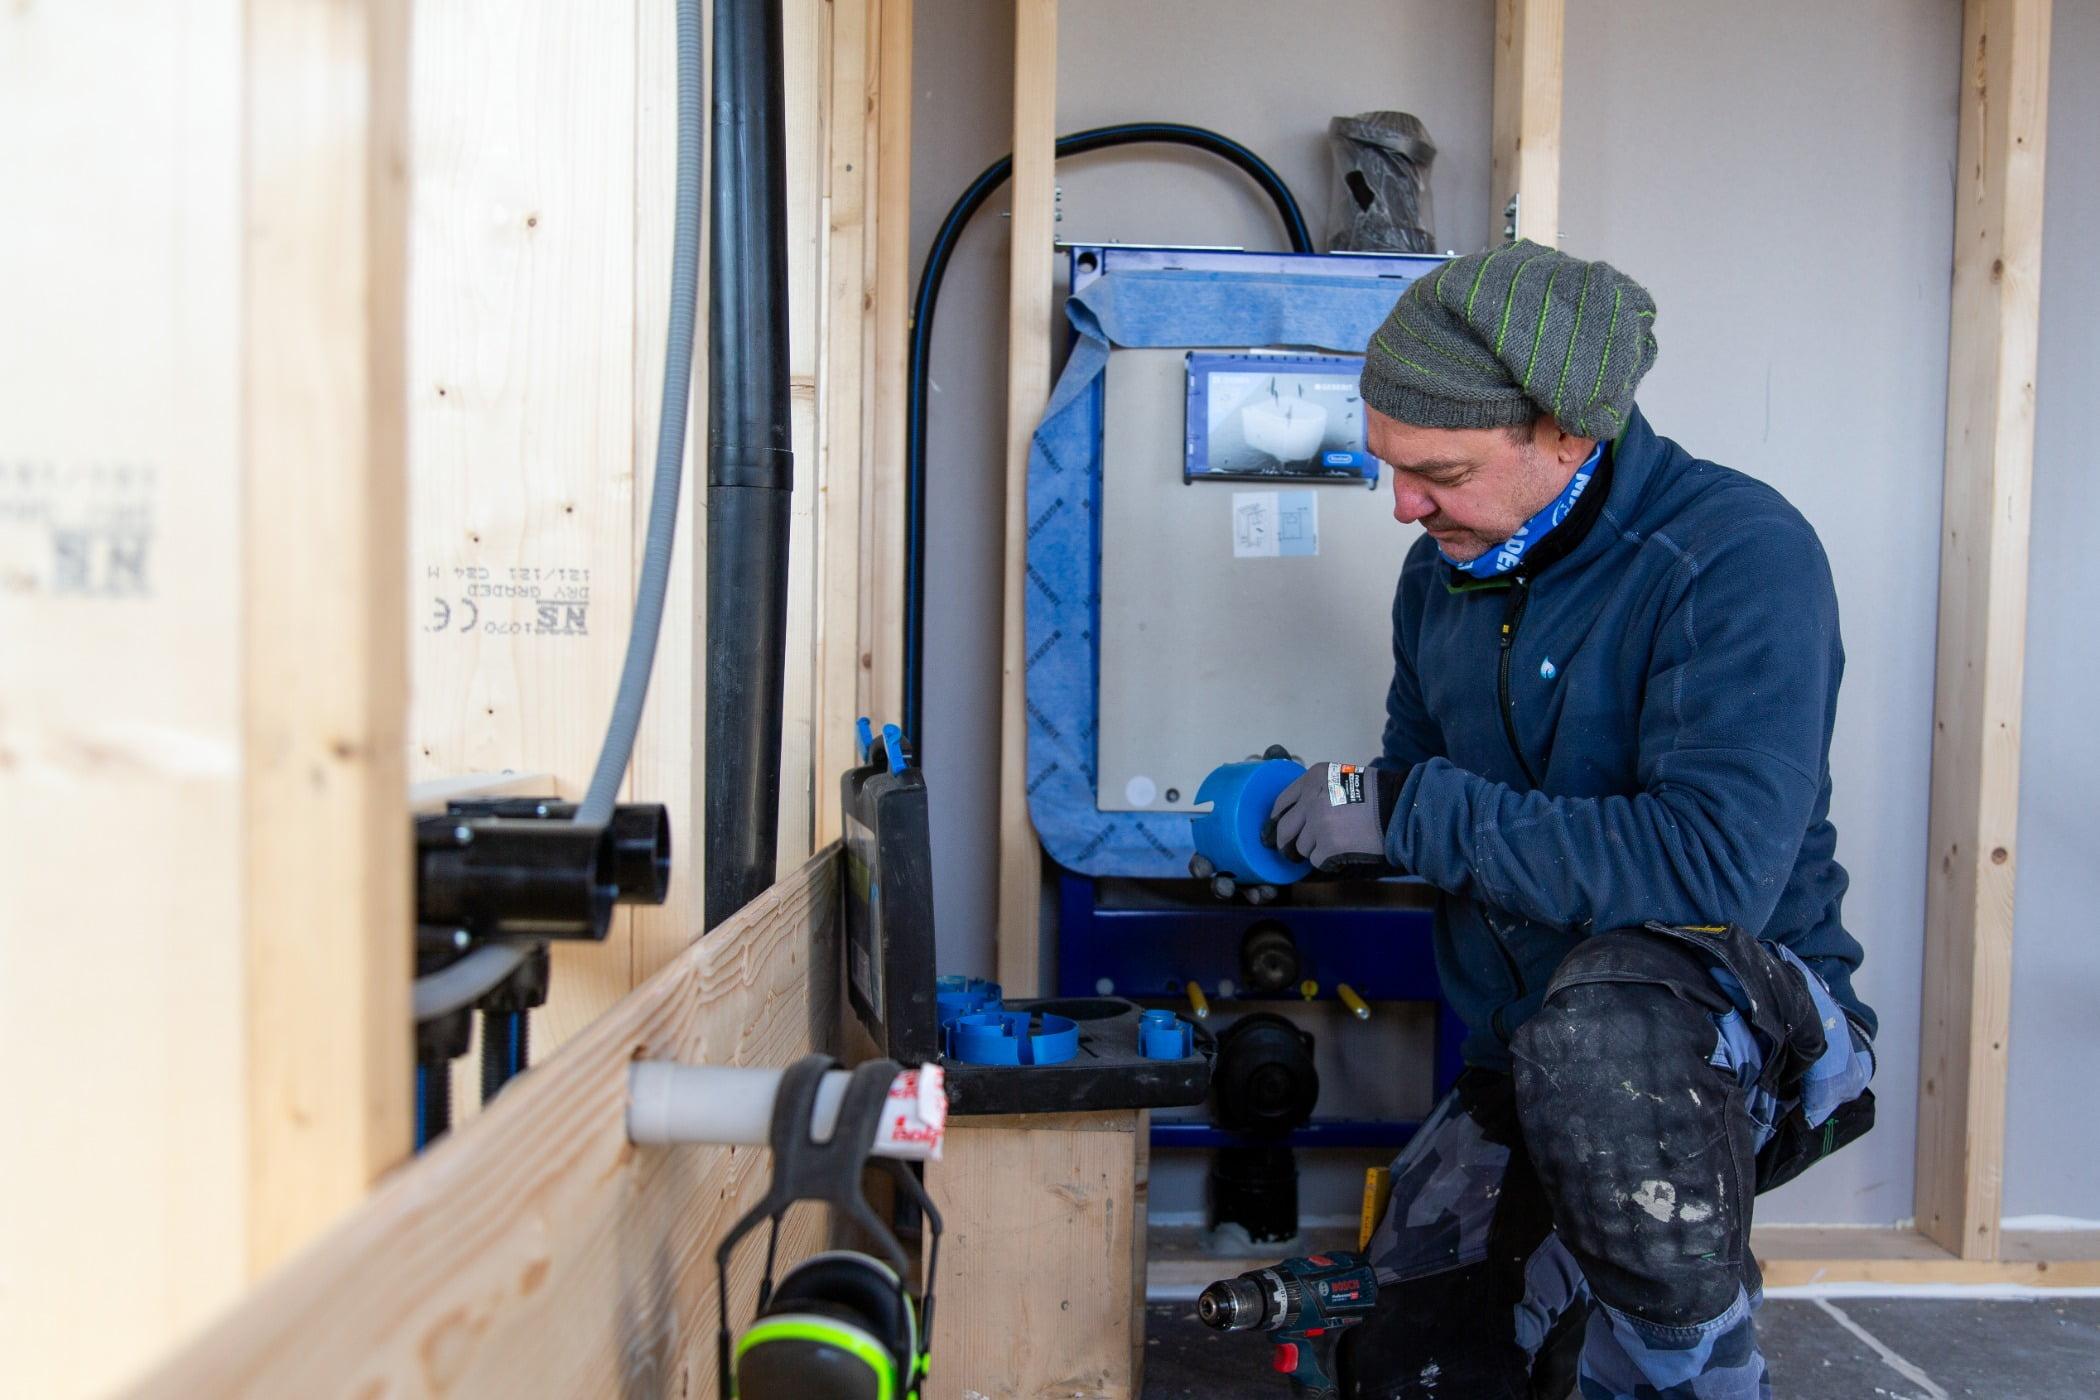 Workwear, Tradesman, Engineer